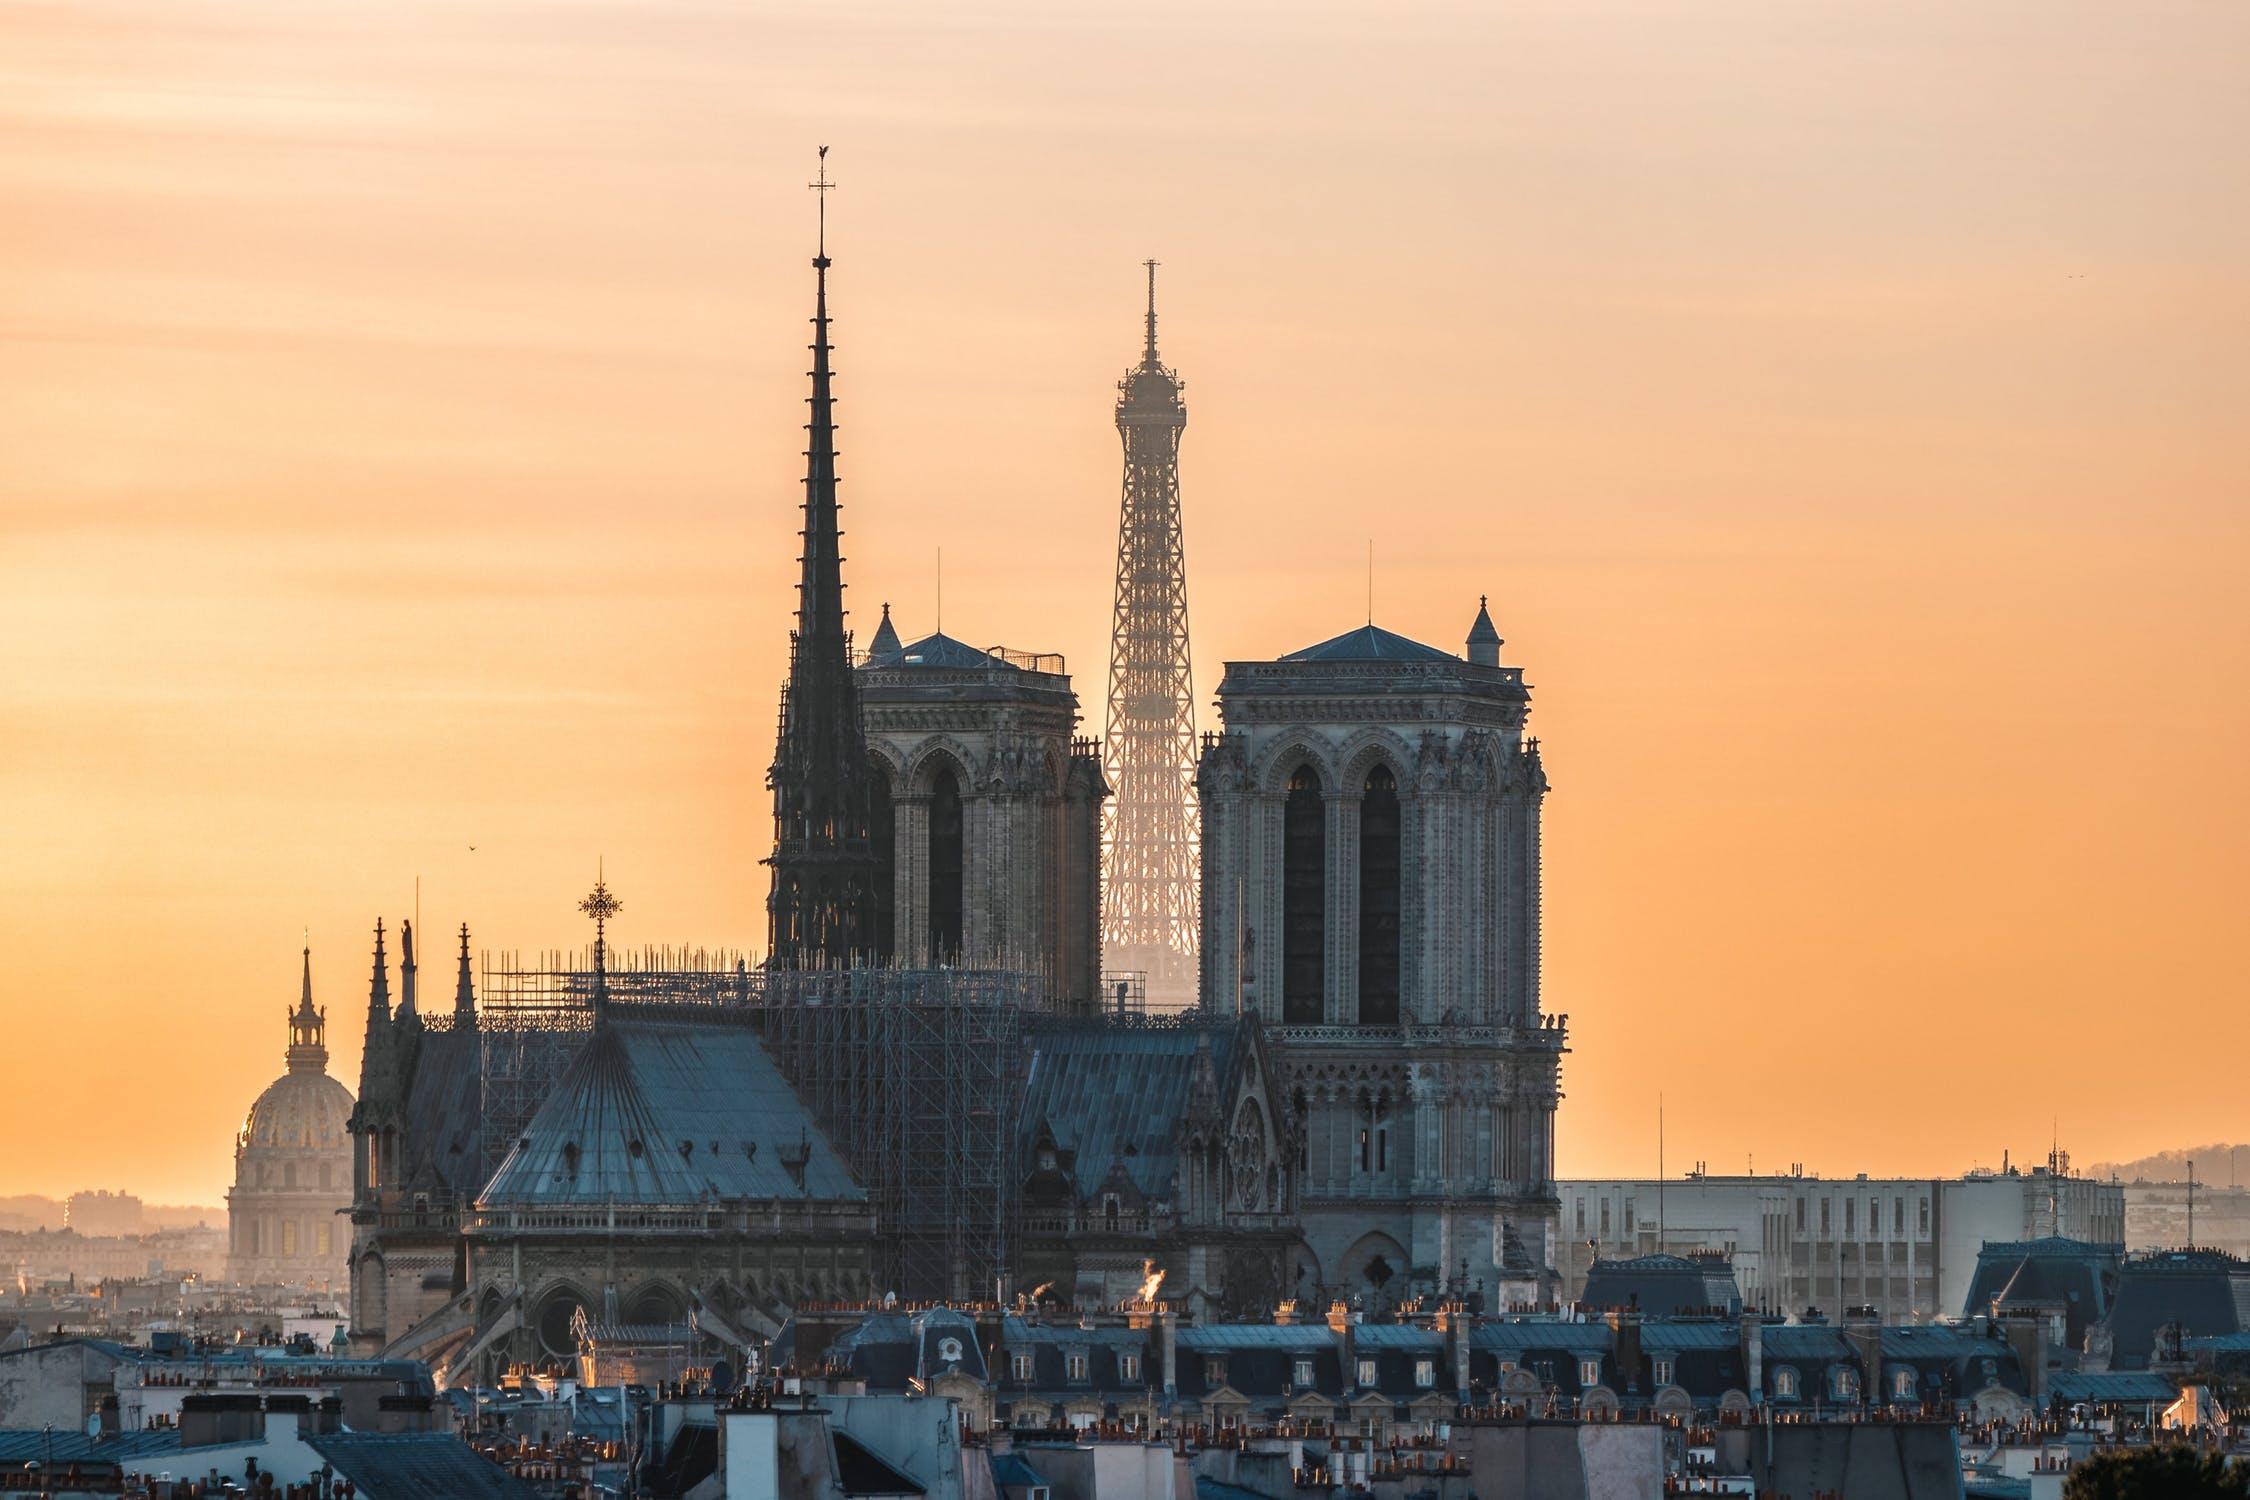 巴黎圣母院遭遇严重火灾,法国两大奢侈品集团 LVMH 和开云合计承诺出资3亿欧元用于重建